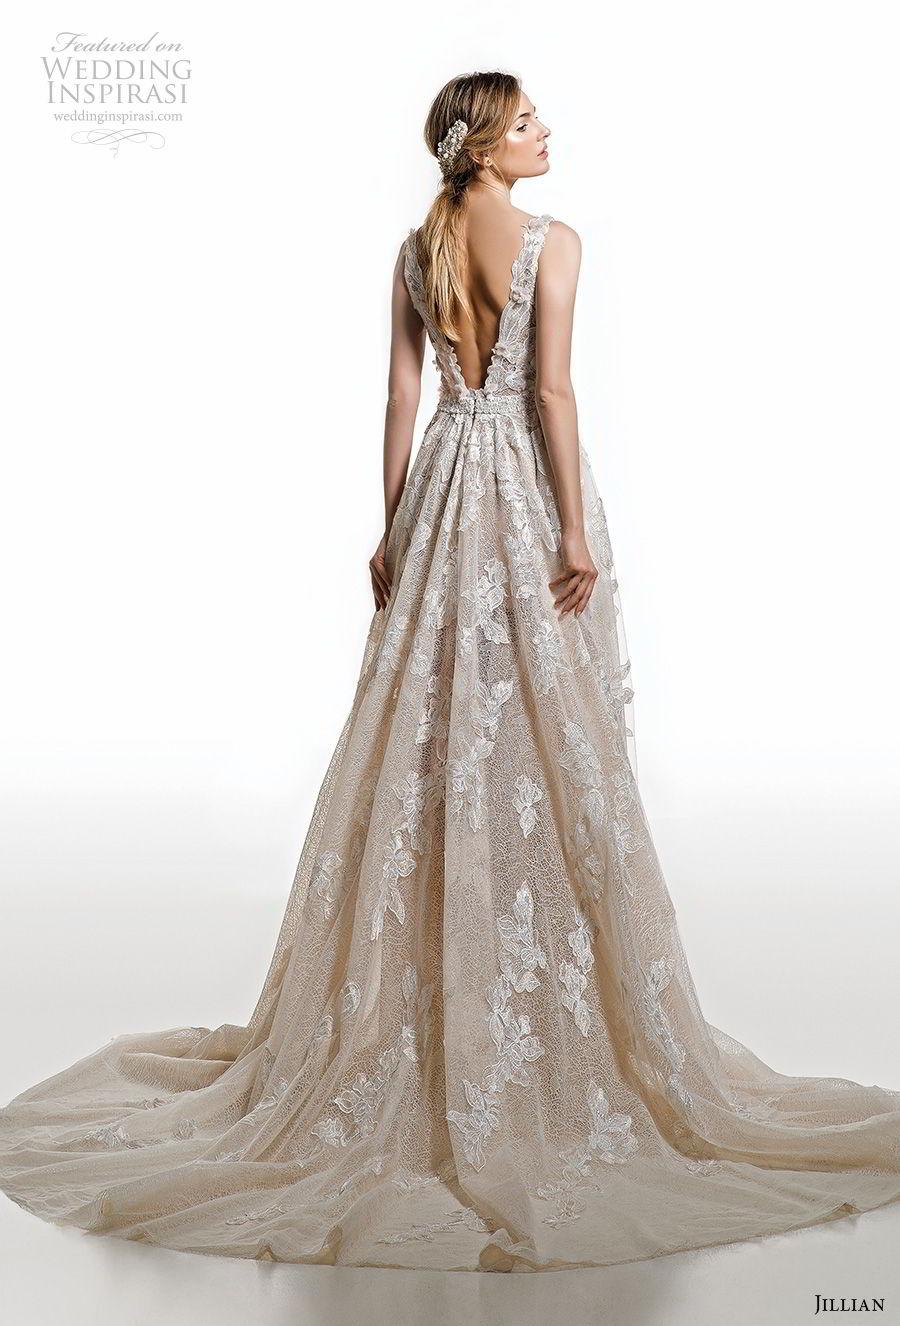 jillian 2019 bridal sleeveless deep v neck full embellishment romantic champagne ivory a  line wedding dress open v back chapel train (16) bv